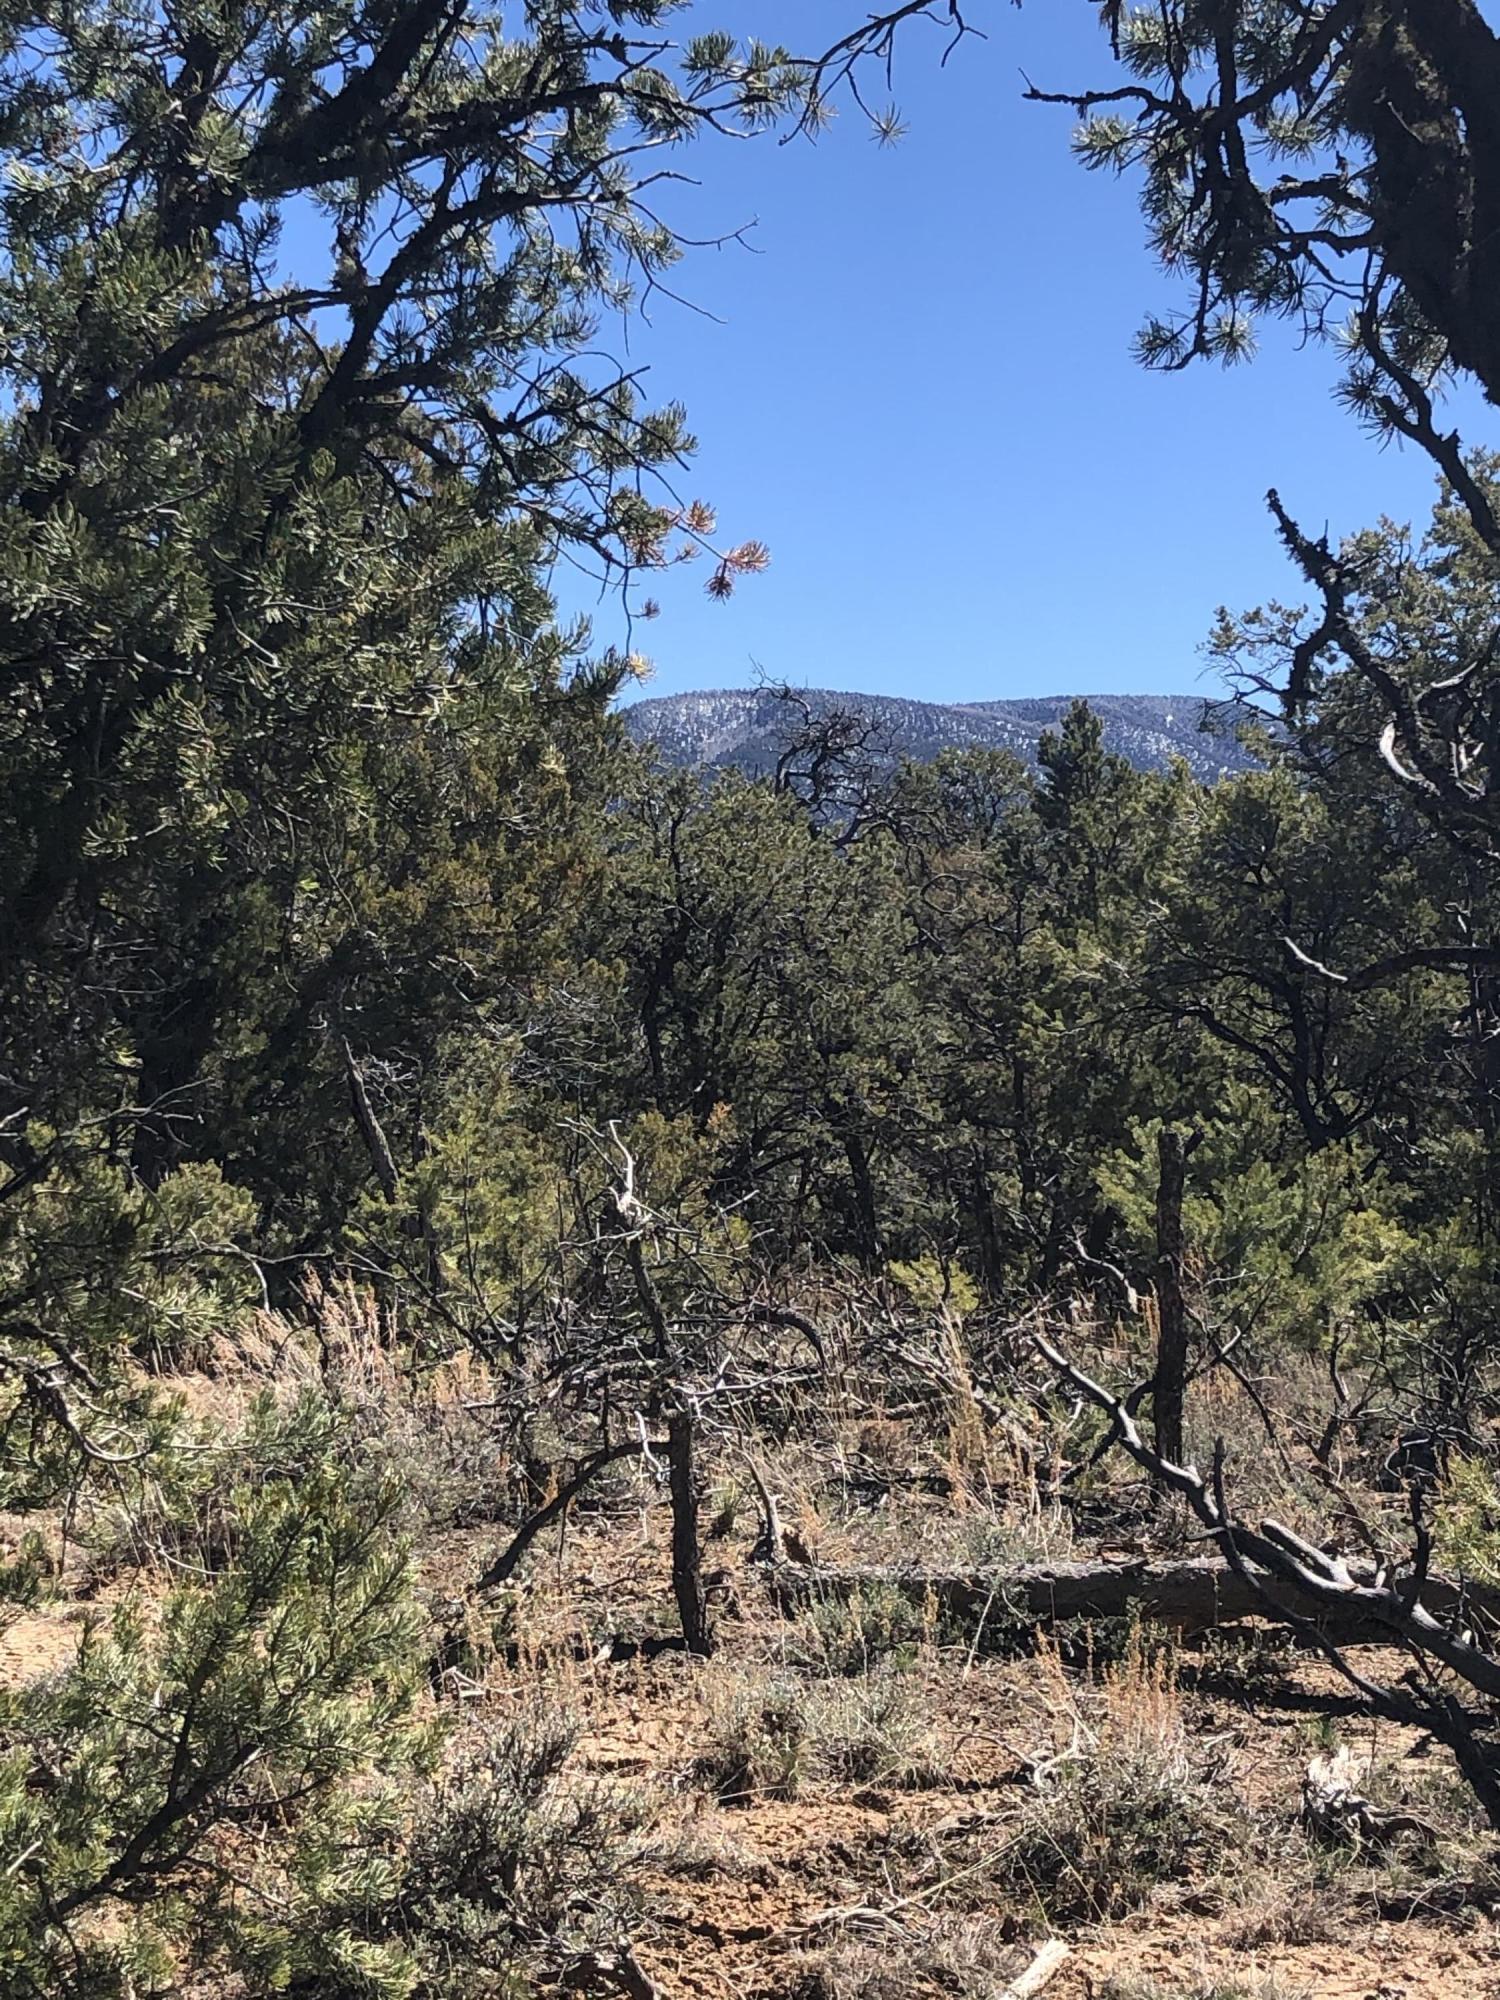 XX Naranjo Road, La Jara, NM 87027 - La Jara, NM real estate listing